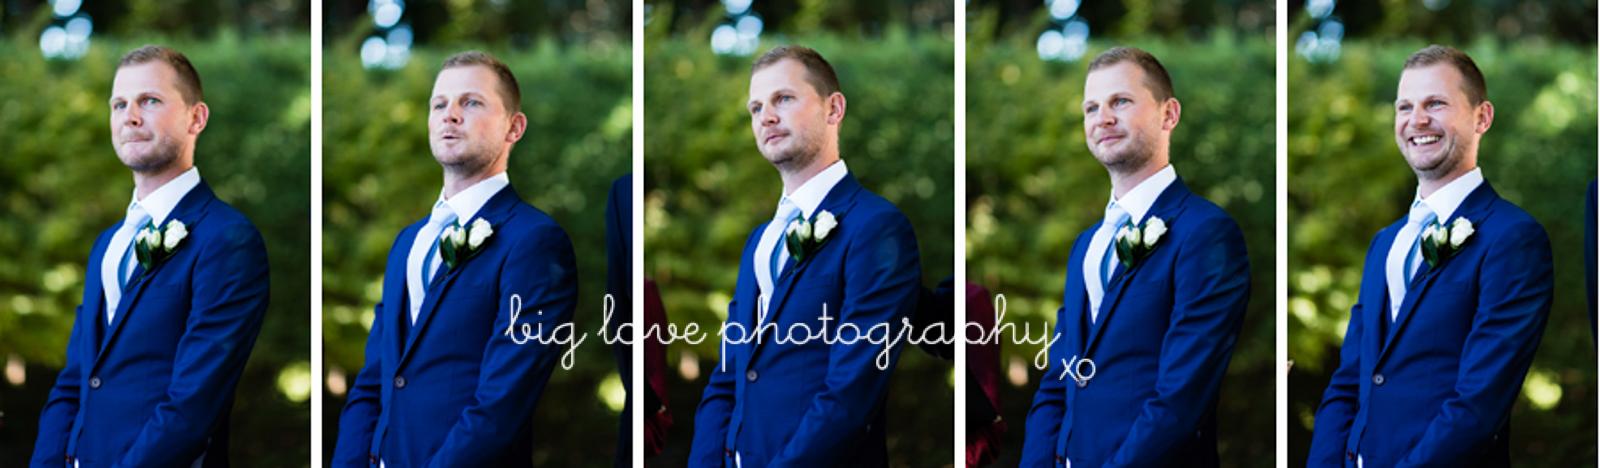 sydneyweddingphotographer-1016.jpg